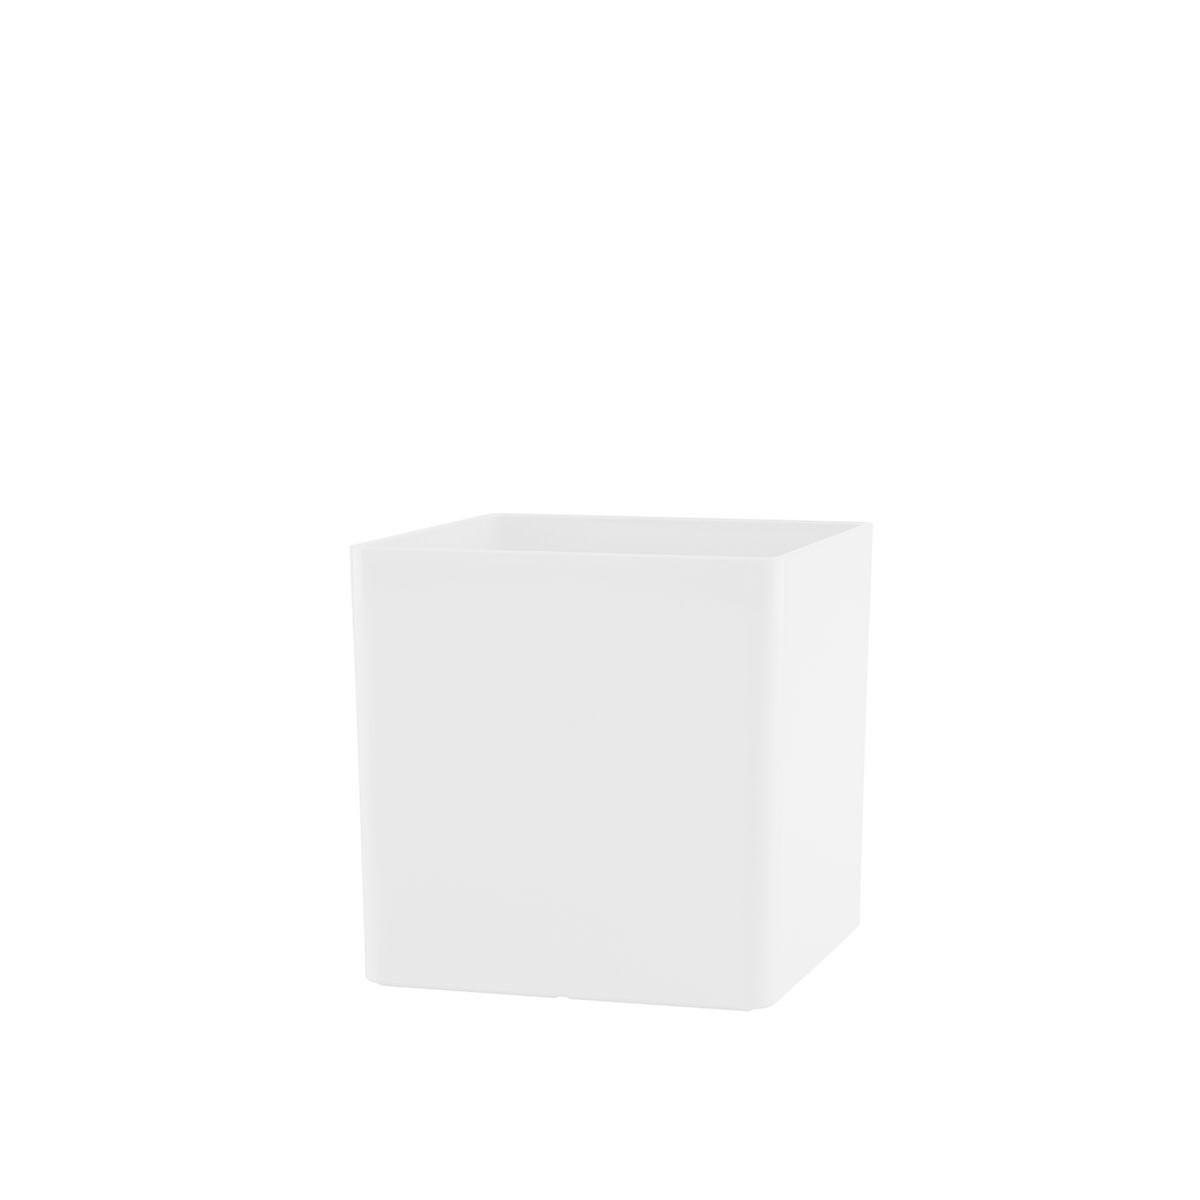 Vaso Cubo 10 x 10 cm Branco Vasart